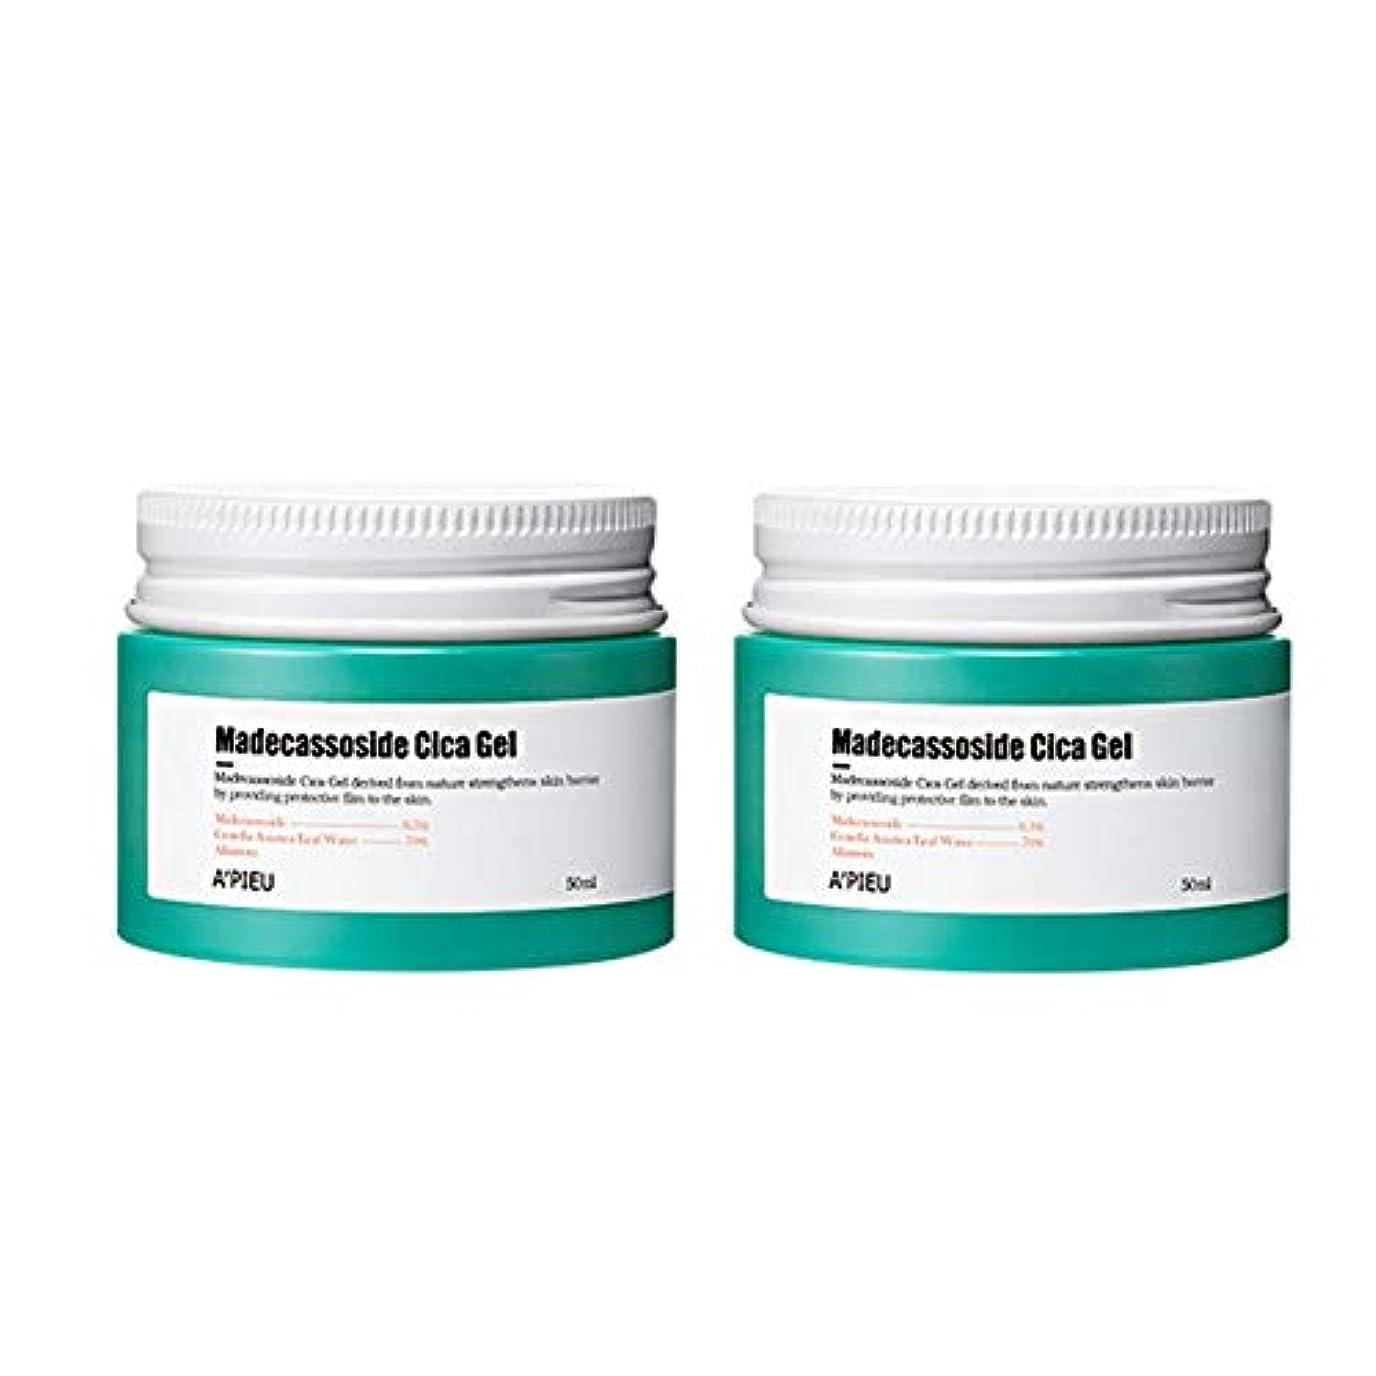 十億炎上サーバオピュマデカソサイドシカゲル50ml x2本セット皮膚の損傷の改善、A'pieu Madecassoside Cica Gel 50ml x 2ea Set Skin Damage Care [並行輸入品]